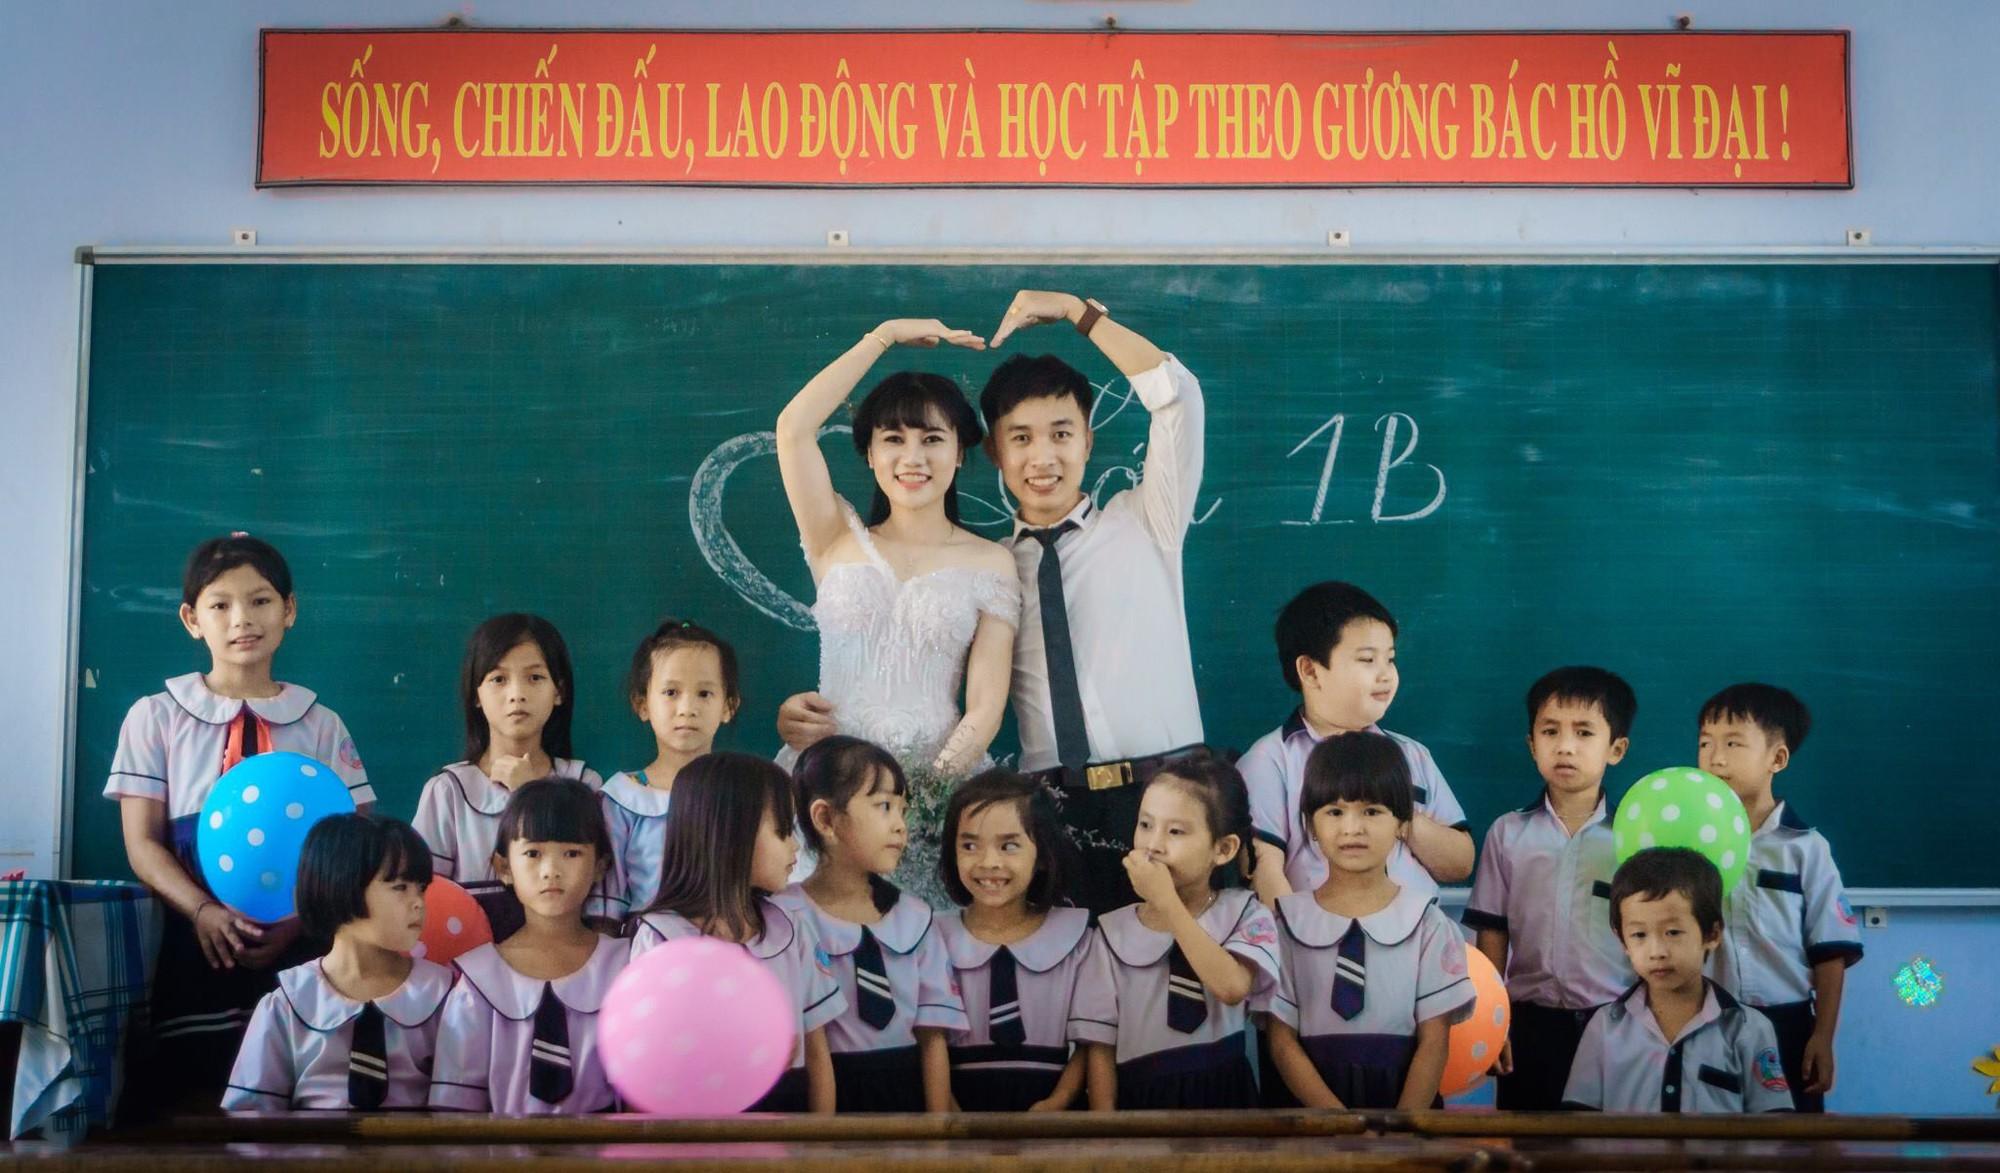 Chuyện tình yêu đáng ghen tỵ của cặp đôi em là giáo viên, anh là